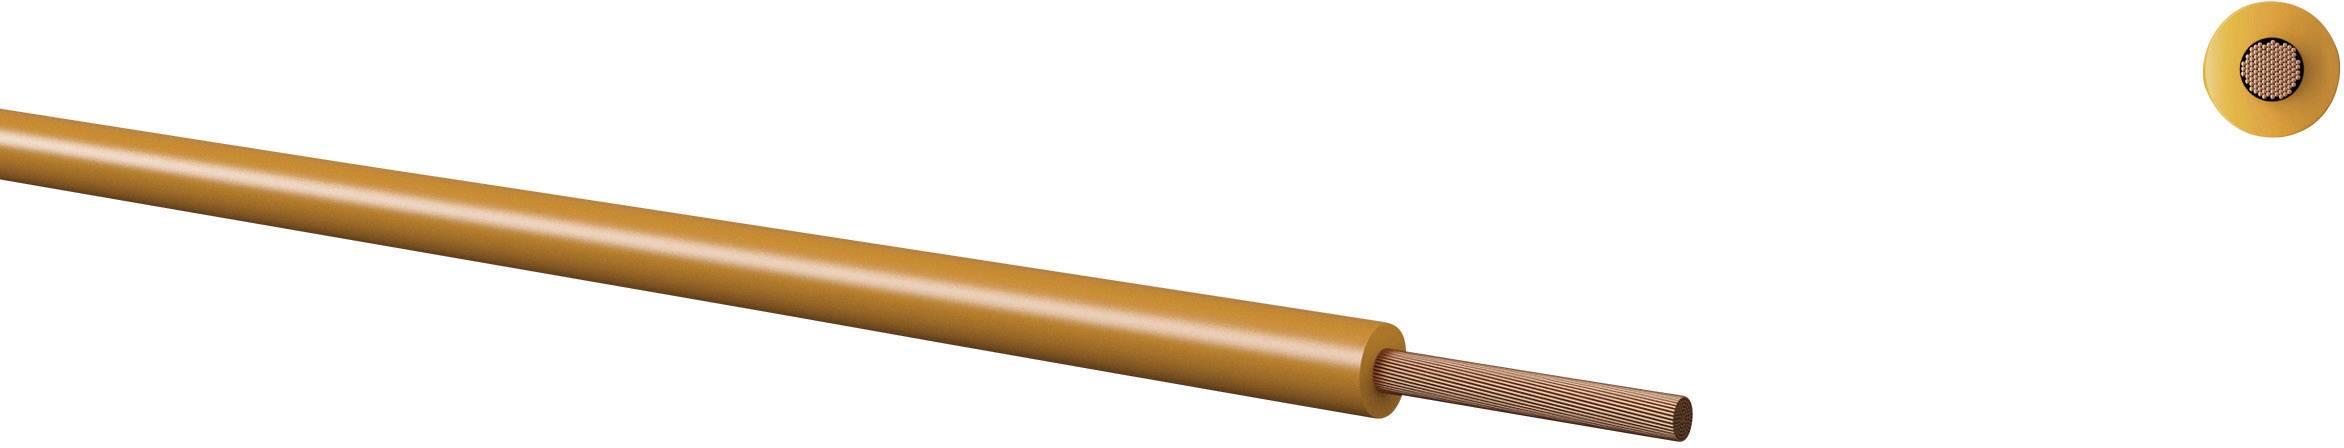 Opletenie / lanko Kabeltronik 160115007 LiFY, 1 x 1.50 mm², vonkajší Ø 3.40 mm, metrový tovar, modrá